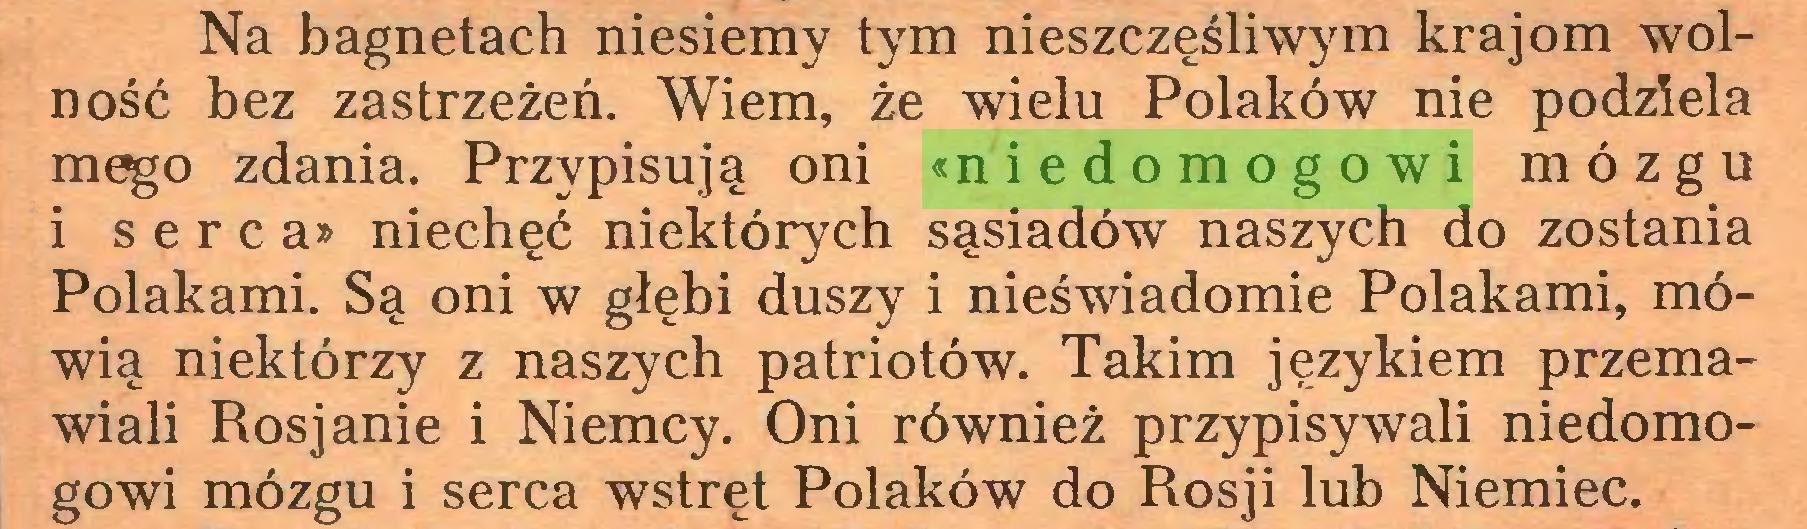 (...) Na bagnetach niesiemy tym nieszczęśliwym krajom wolność bez zastrzeżeń. Wiem, że wielu Polaków nie podziela m^o zdania. Przypisują oni «niedomogowi mózgu i serca» niechęć niektórych sąsiadów naszych do zostania Polakami. Są oni w głębi duszy i nieświadomie Polakami, mówią niektórzy z naszych patriotów. Takim językiem przemawiali Rosjanie i Niemcy. Oni również przypisywali niedomogowi mózgu i serca wstręt Polaków do Rosji lub Niemiec...